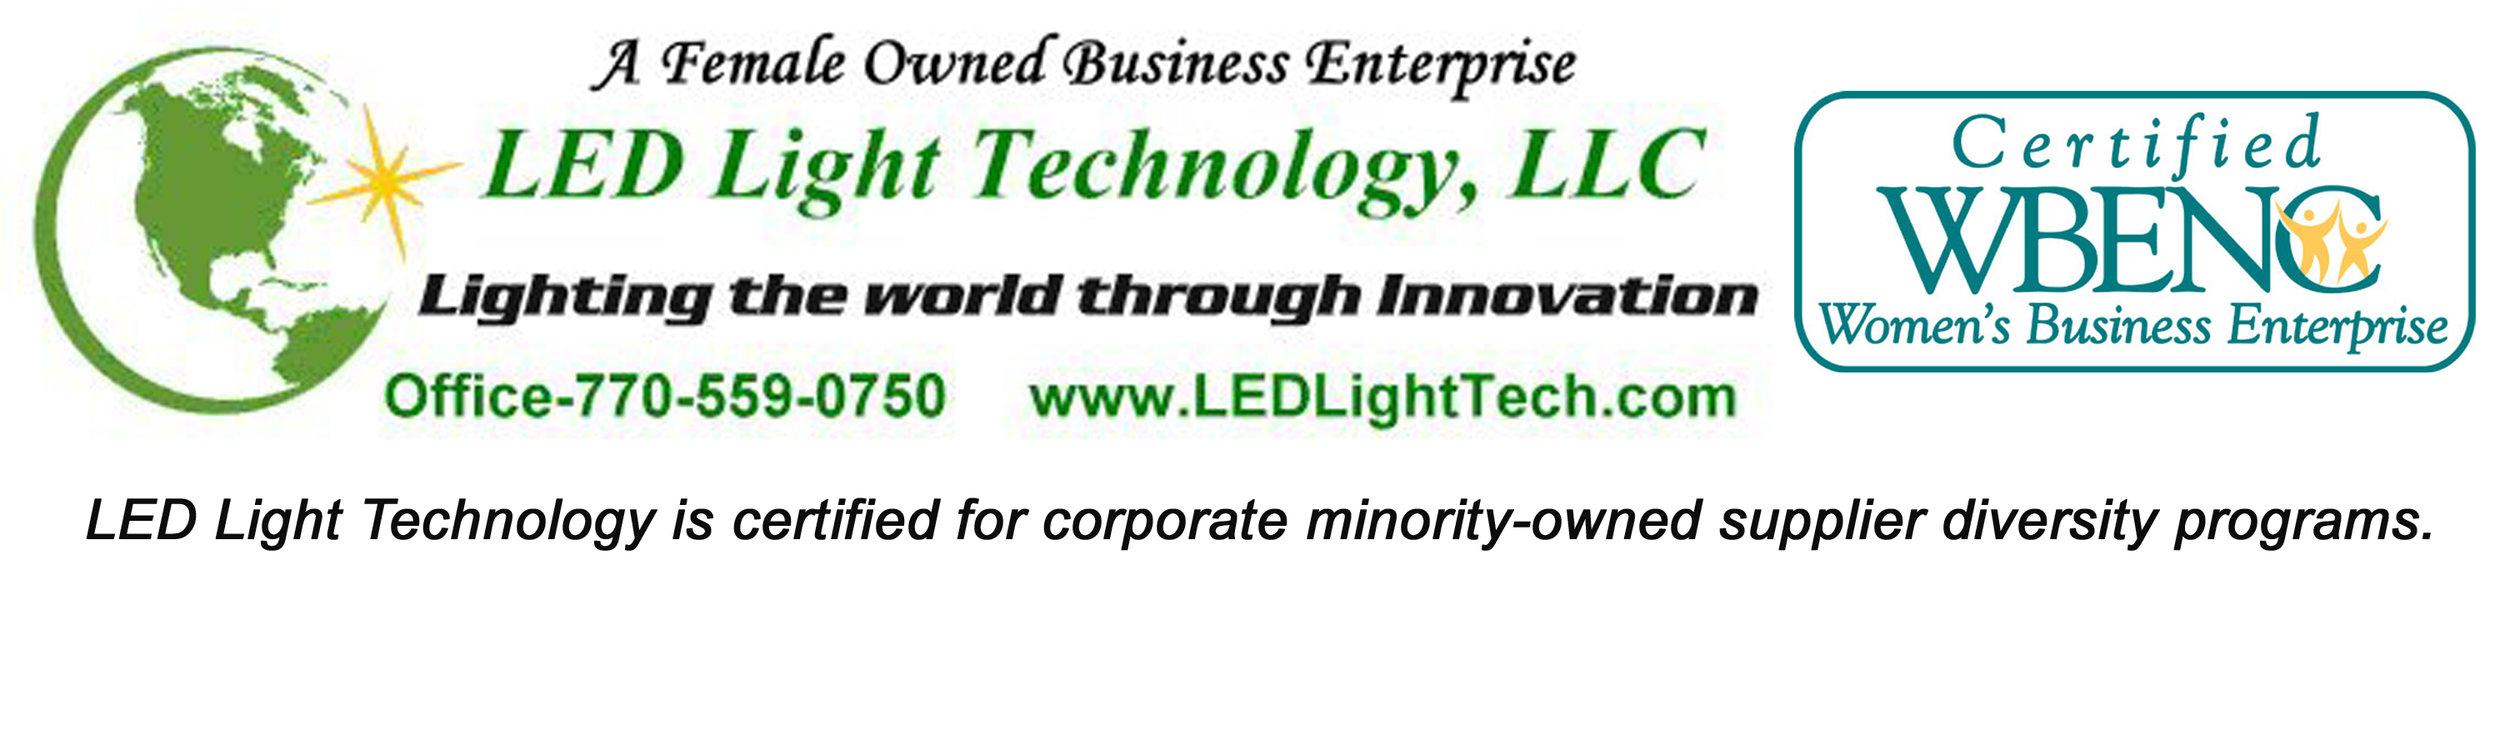 LED Light Techology WBENC Logo